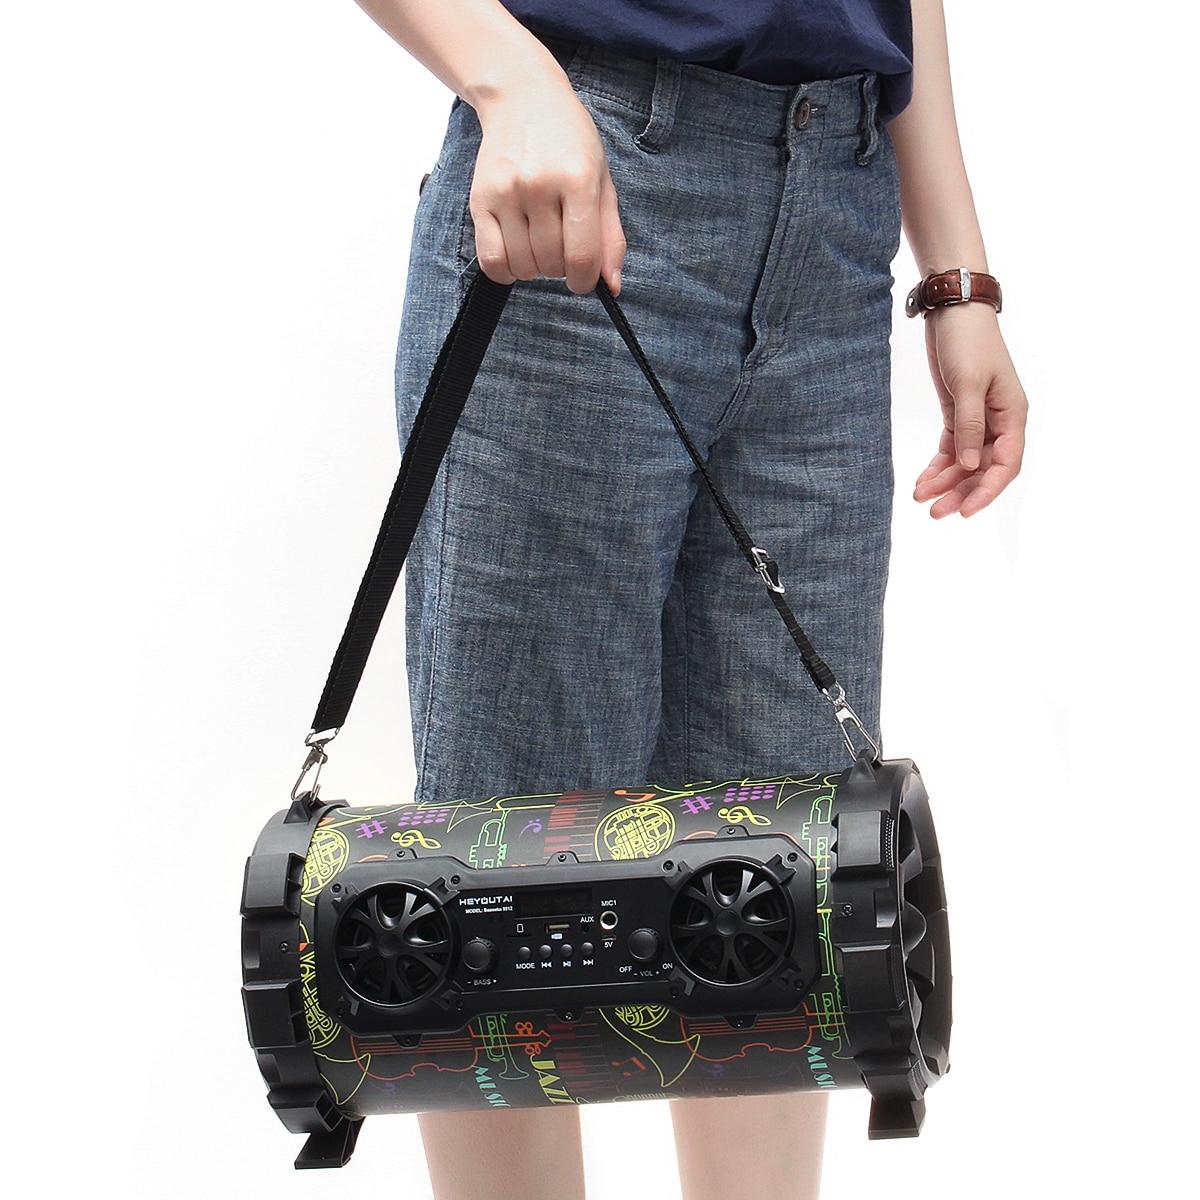 Haut-parleur bluetooth Sans Fil Stéréo Basse Portable haut-parleur hifi Subwoofer AUX USB TF Carte FM Radio vélo extérieur Voiture lecteur karaoké